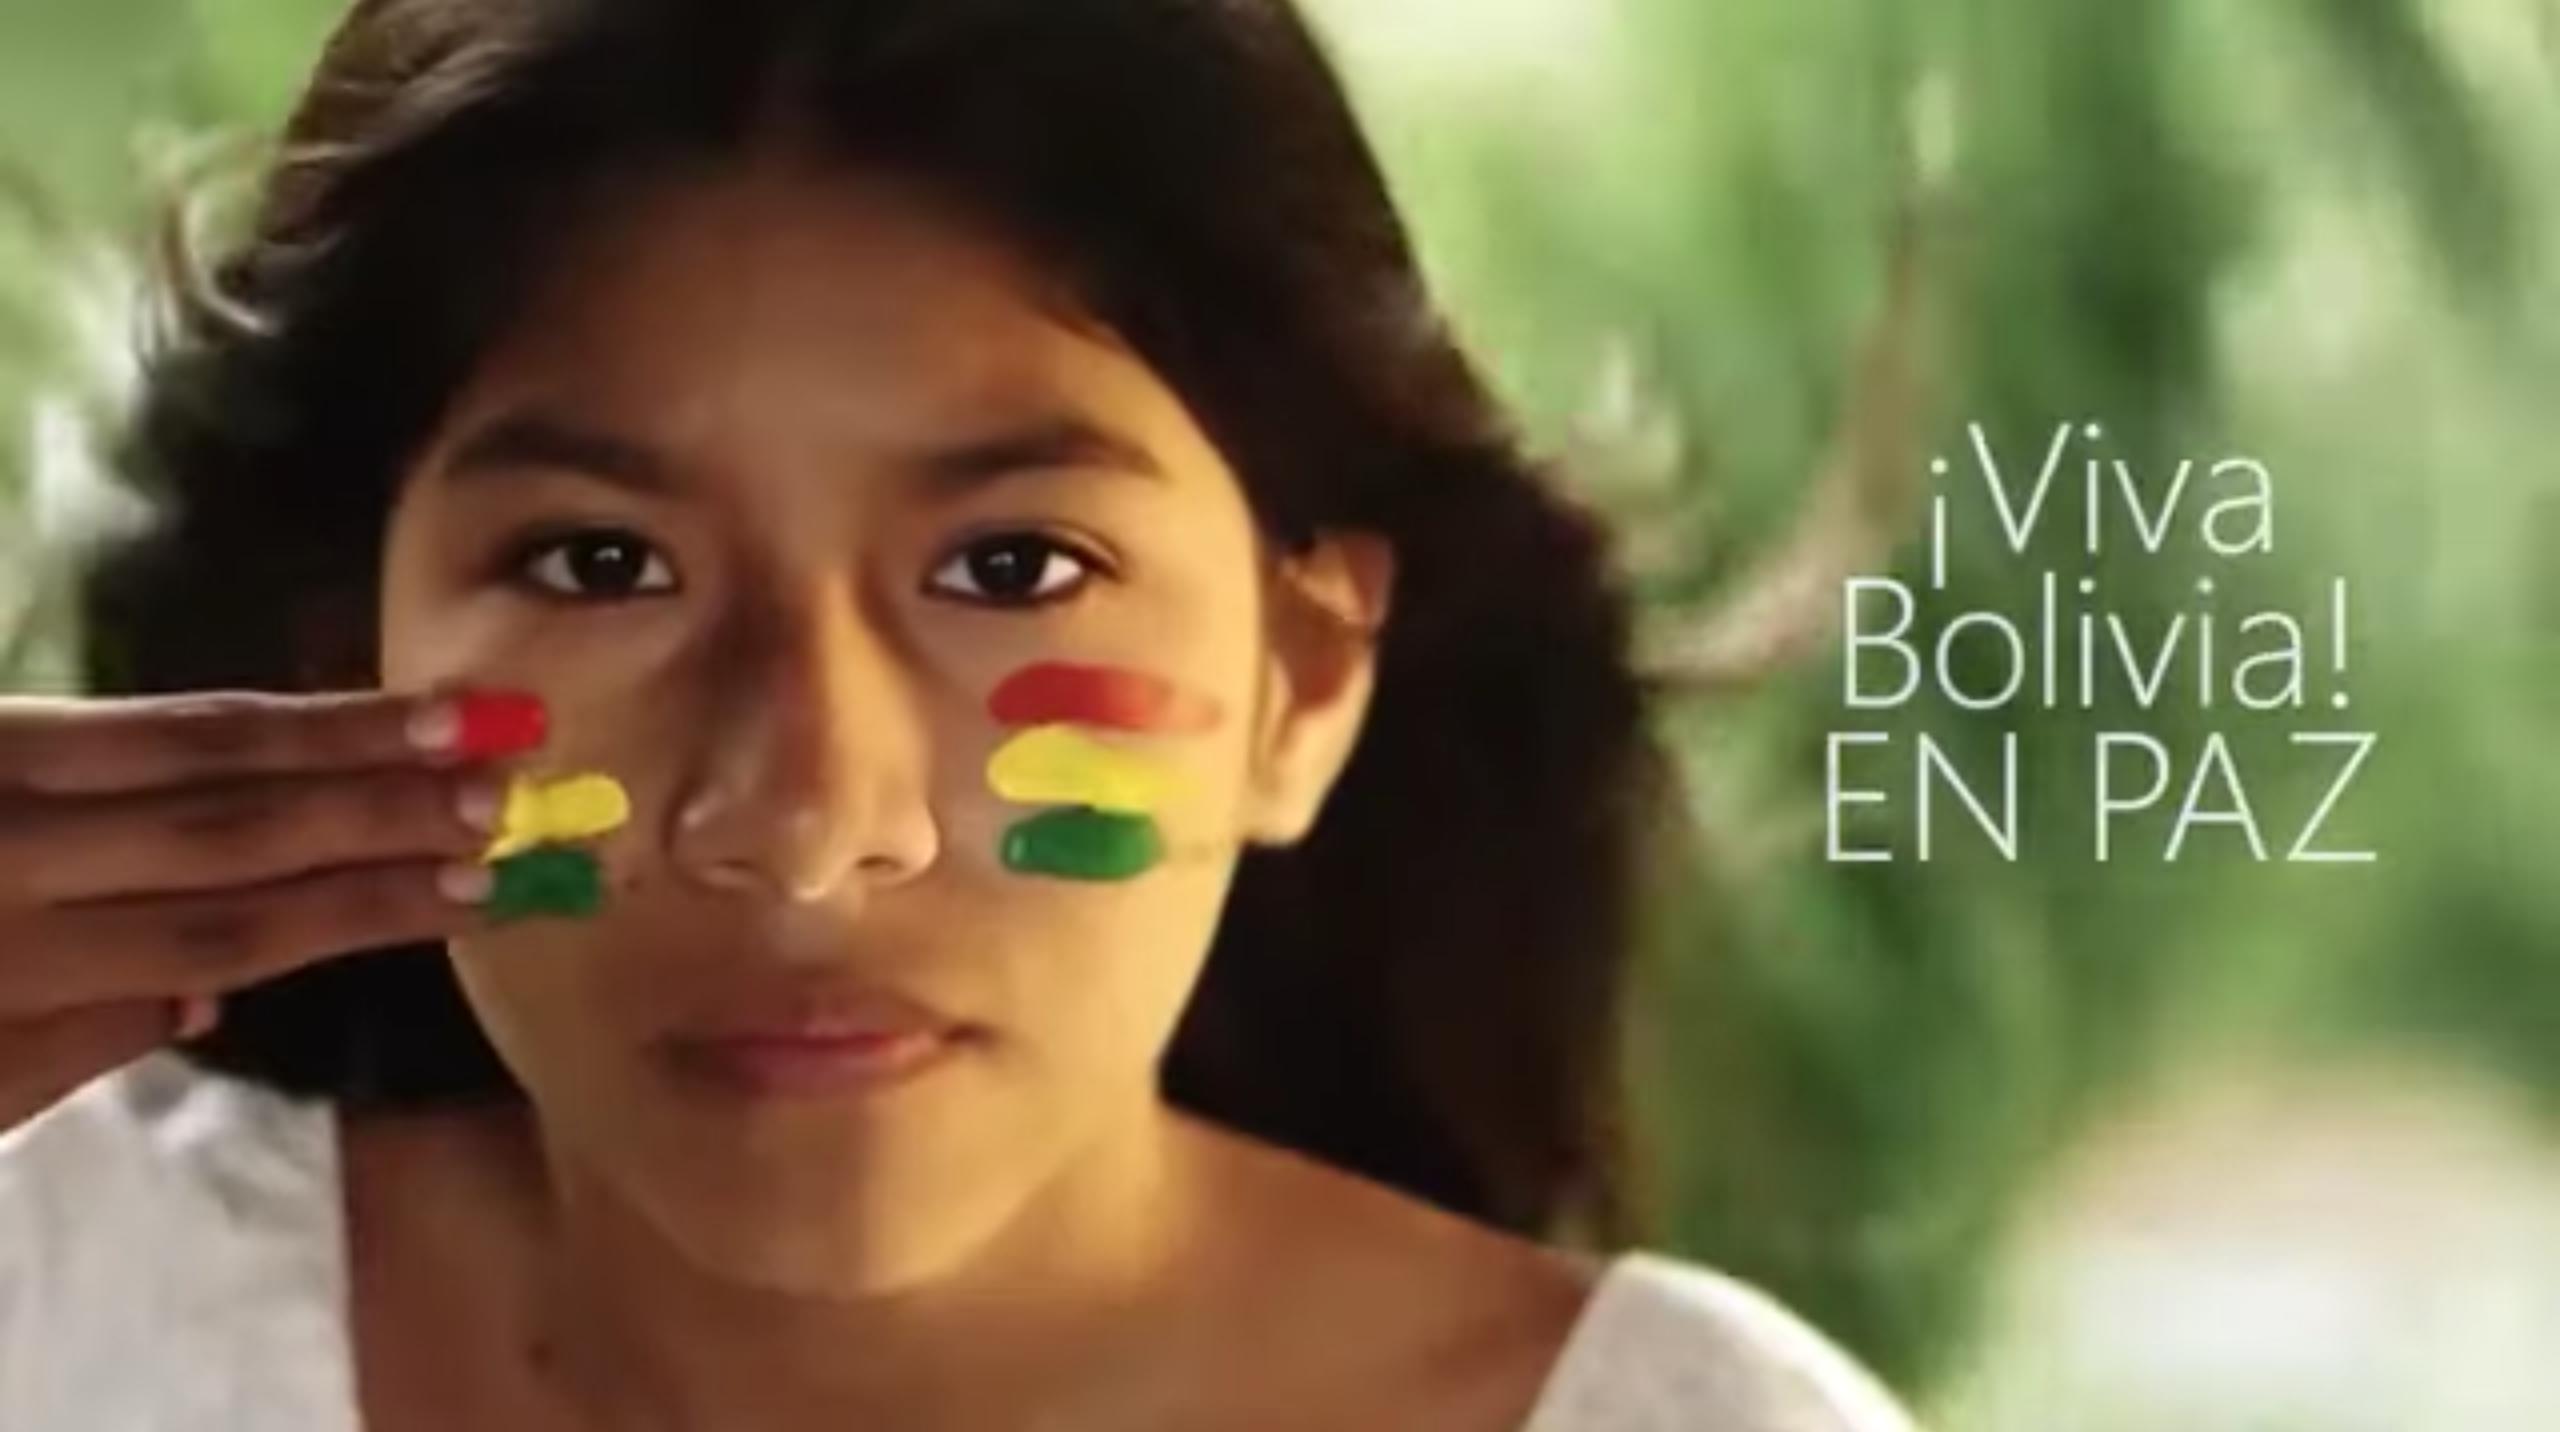 """La cooperativa piquense Corpico expresó """"preocupación por la situación en Bolivia"""""""